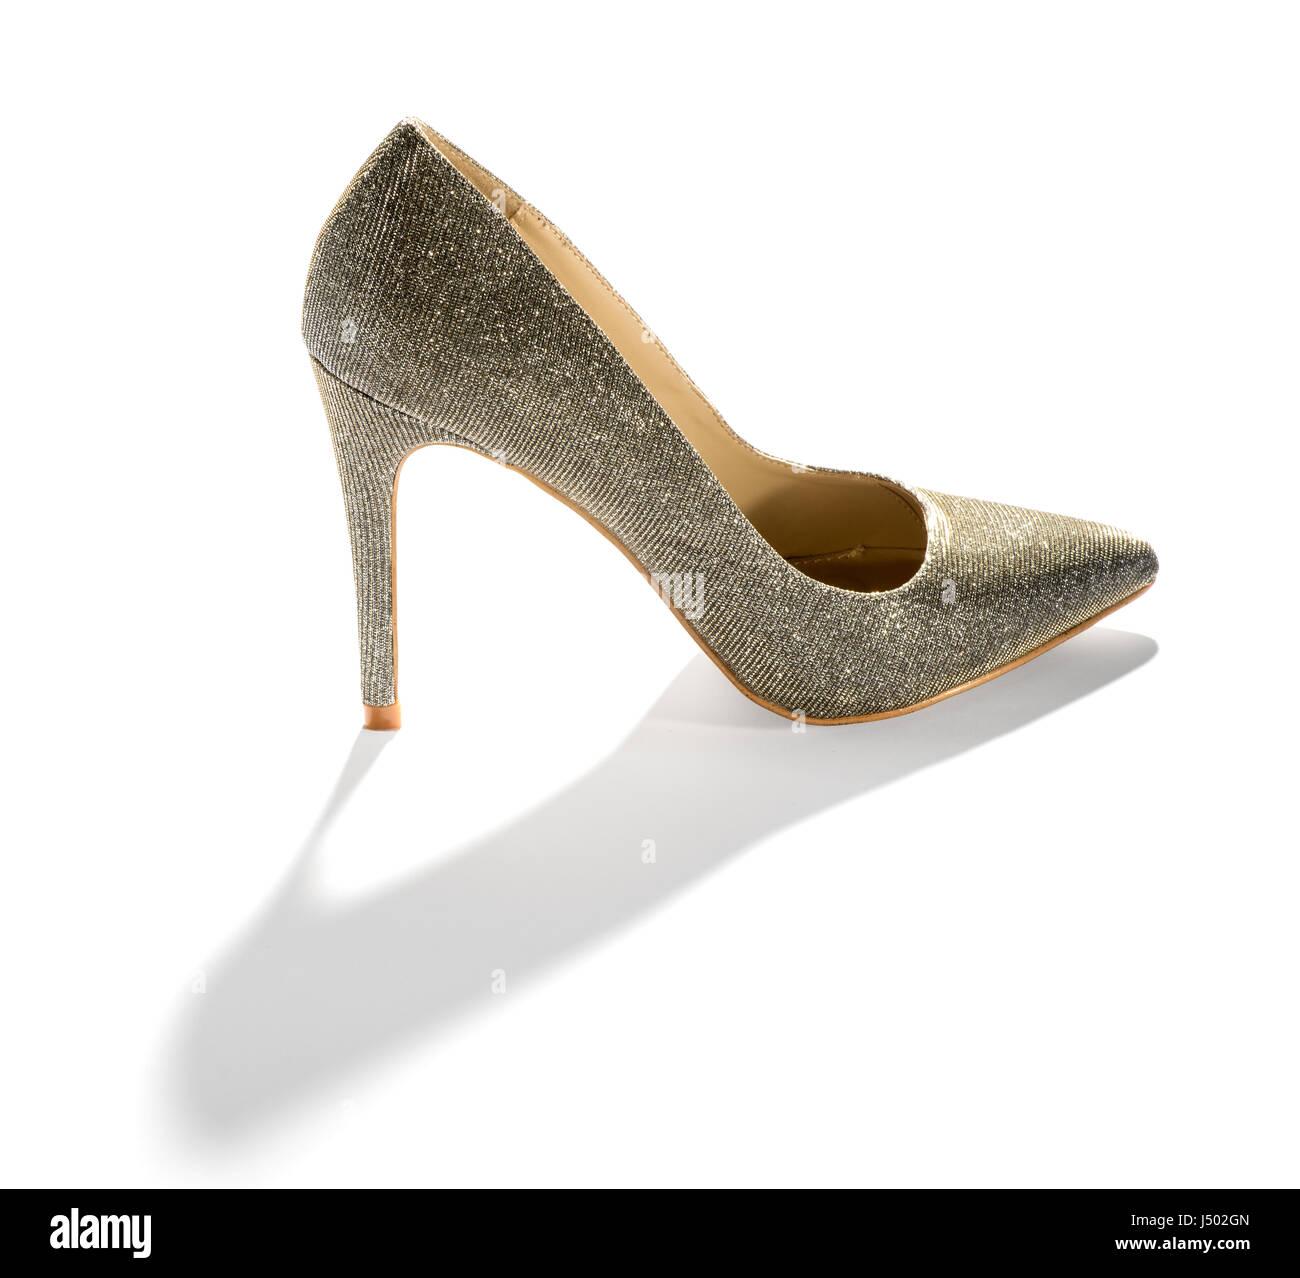 Señoras clásico corte stiletto zapatos con un tacón muy alto de pie sobre  una larga sombra de colada blanca c4cb9345ba3c